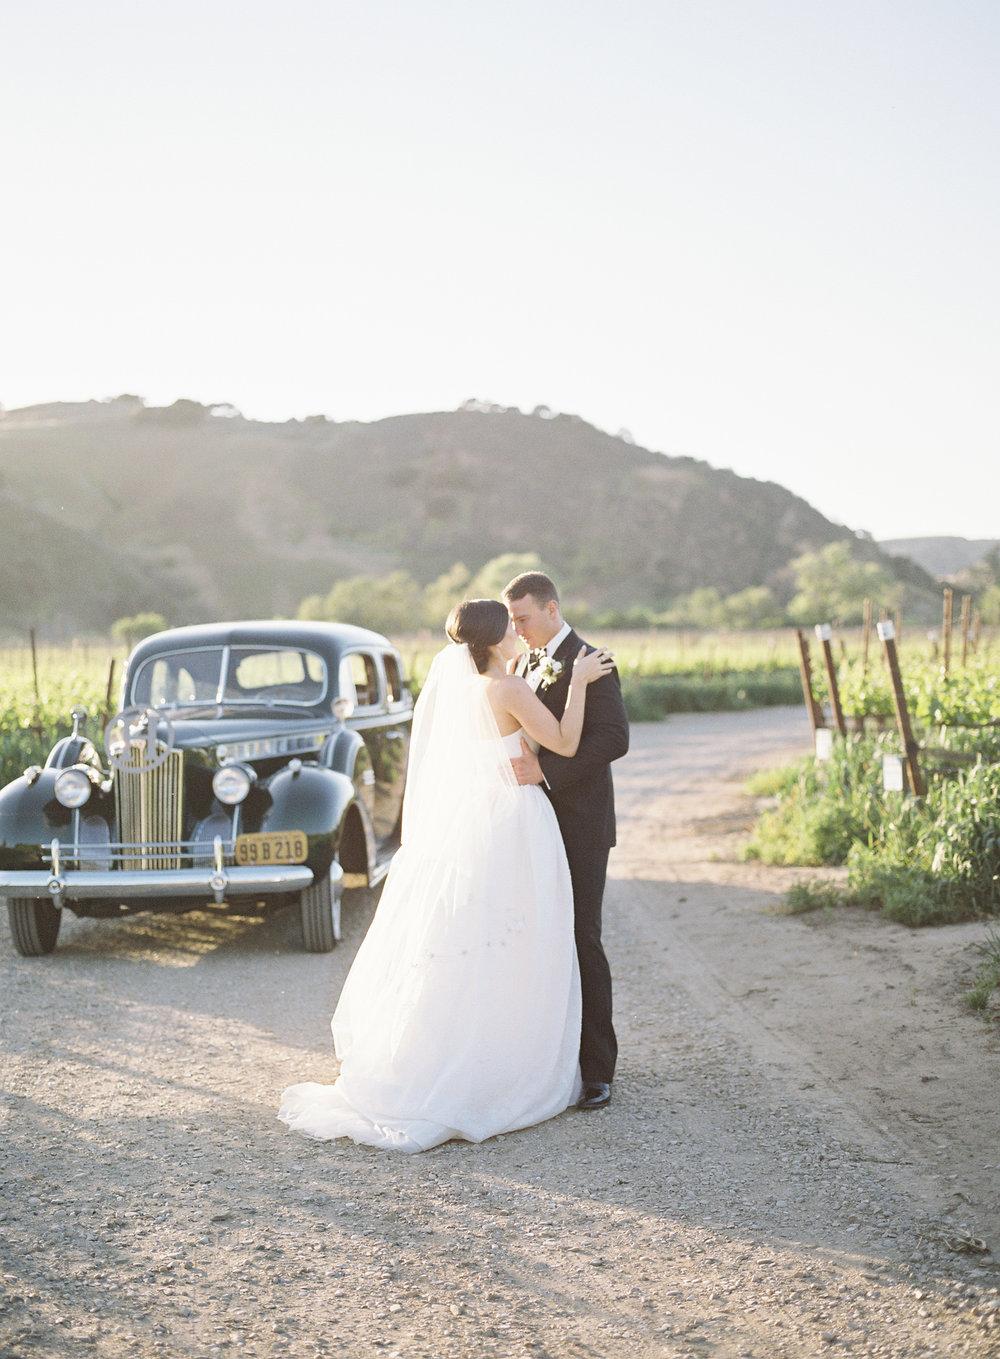 car bride groom041616_2641_009976-R1-013.jpg